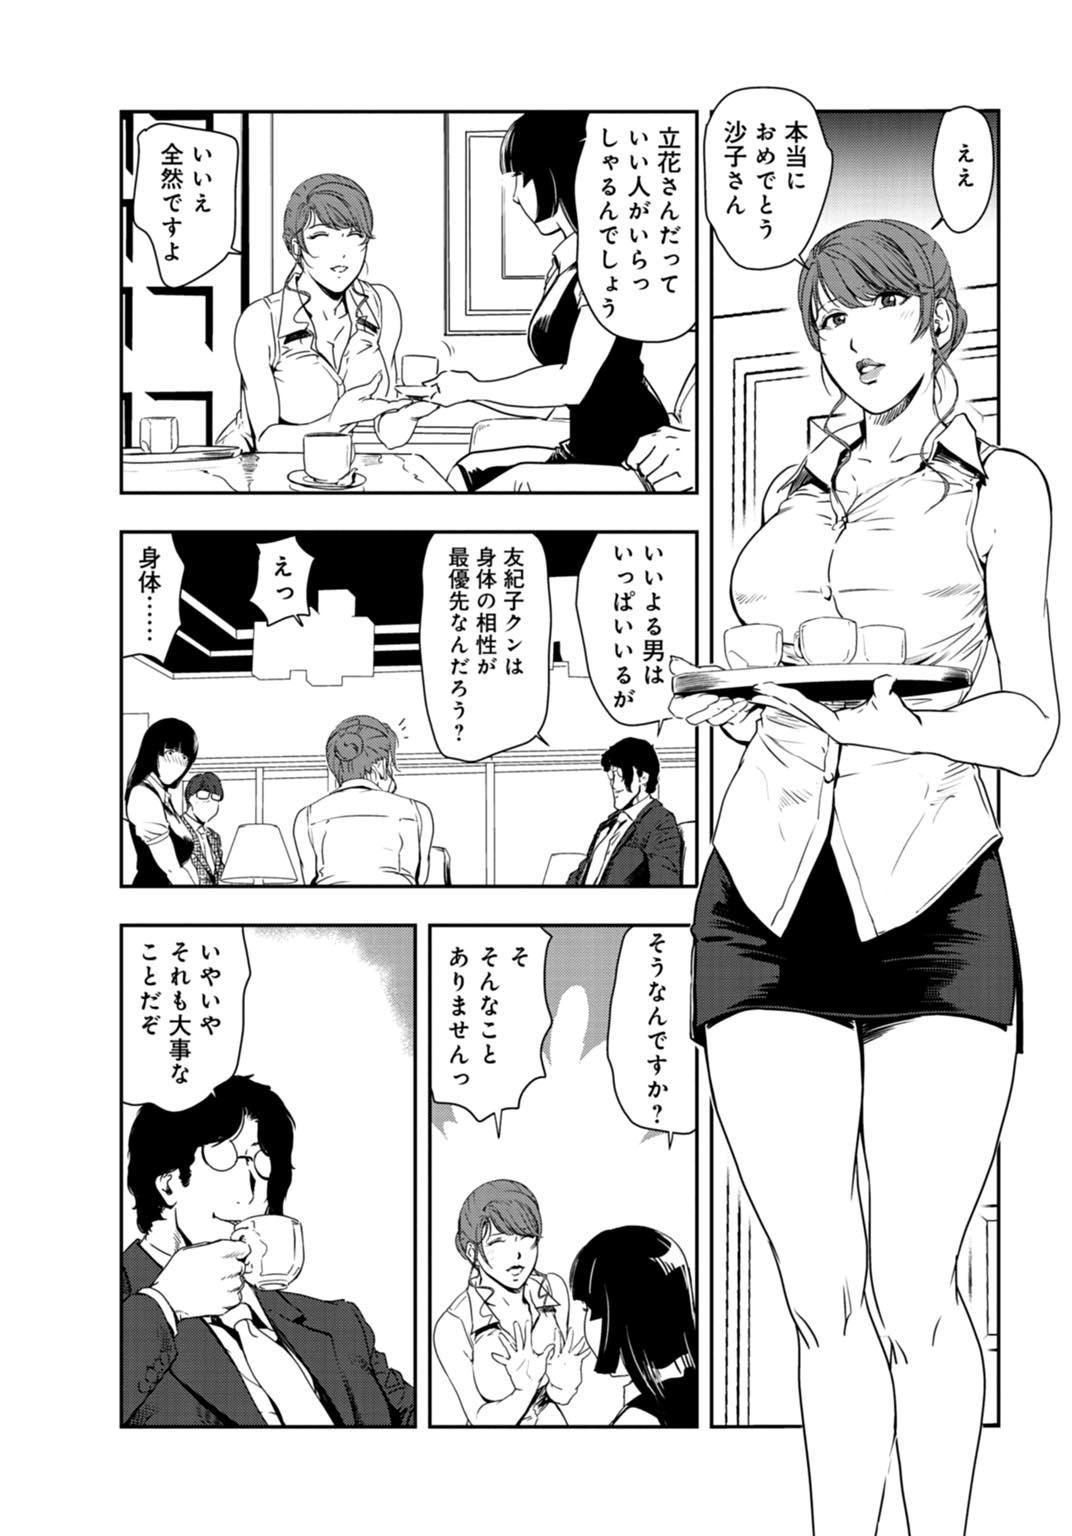 Nikuhisyo Yukiko 26 27